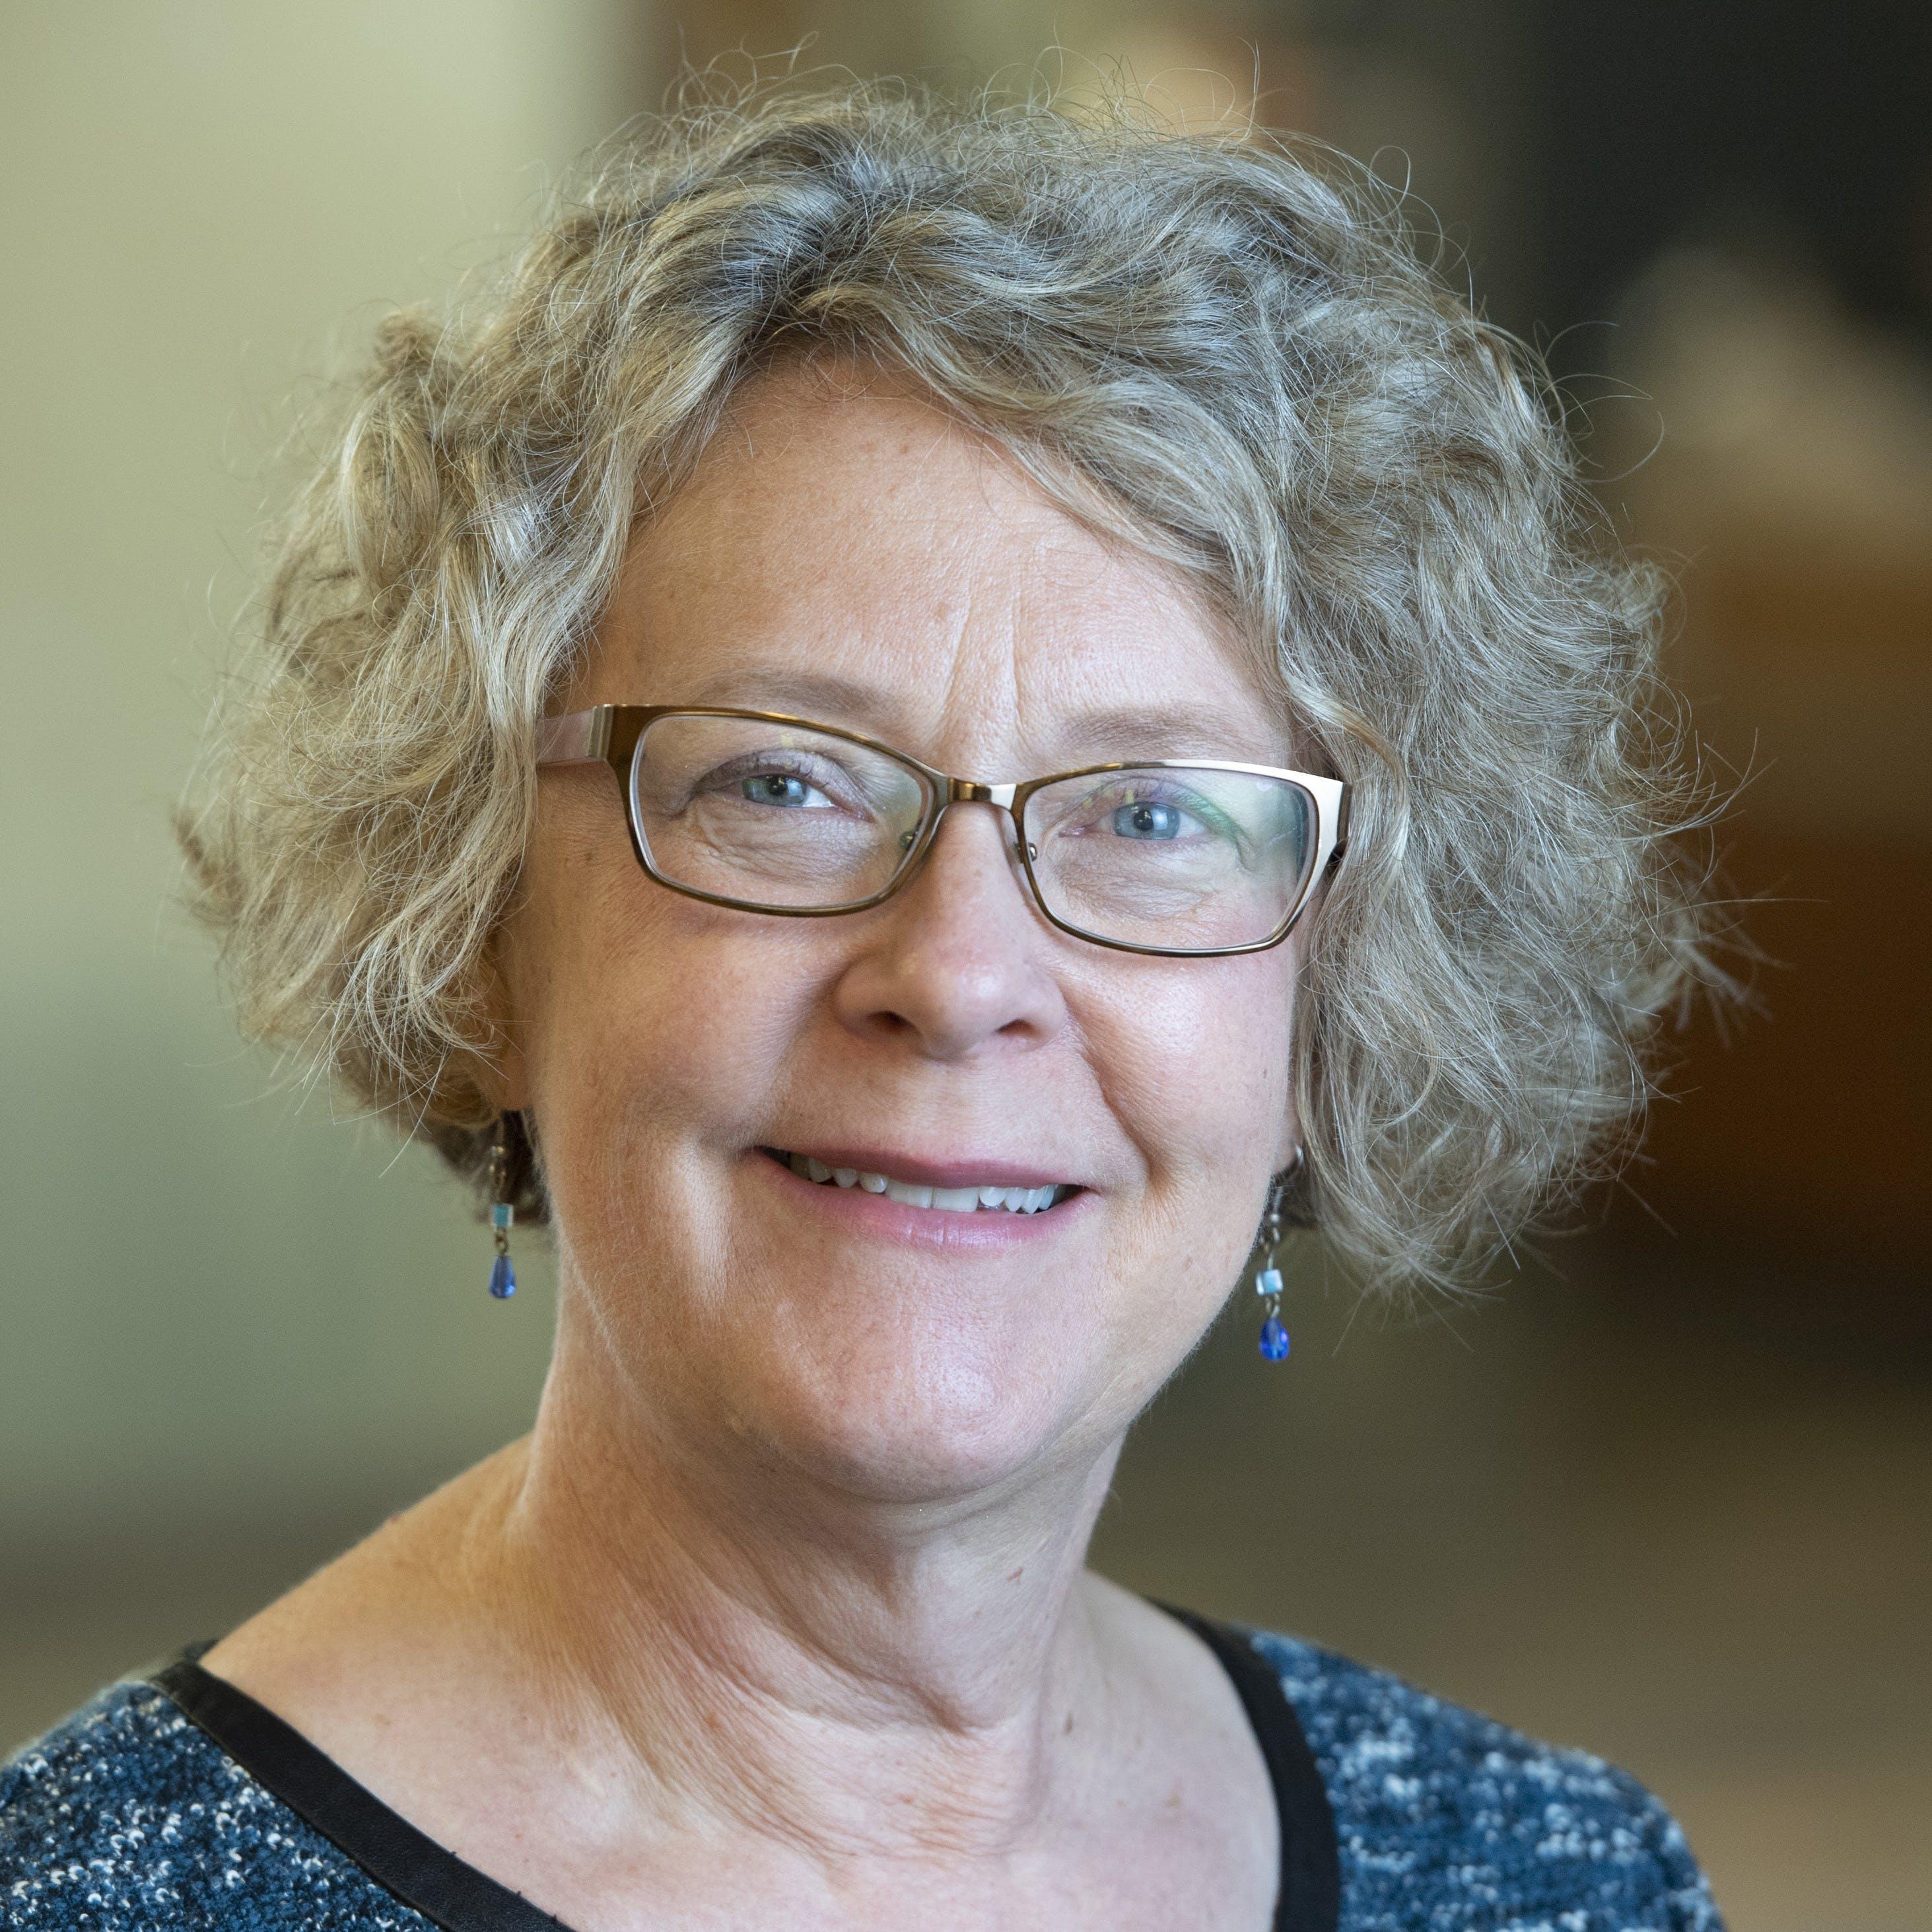 Meet Gretchen Wrobel, University Professor of Psychology and Univesity Professor of Psychology, at Bethel University.